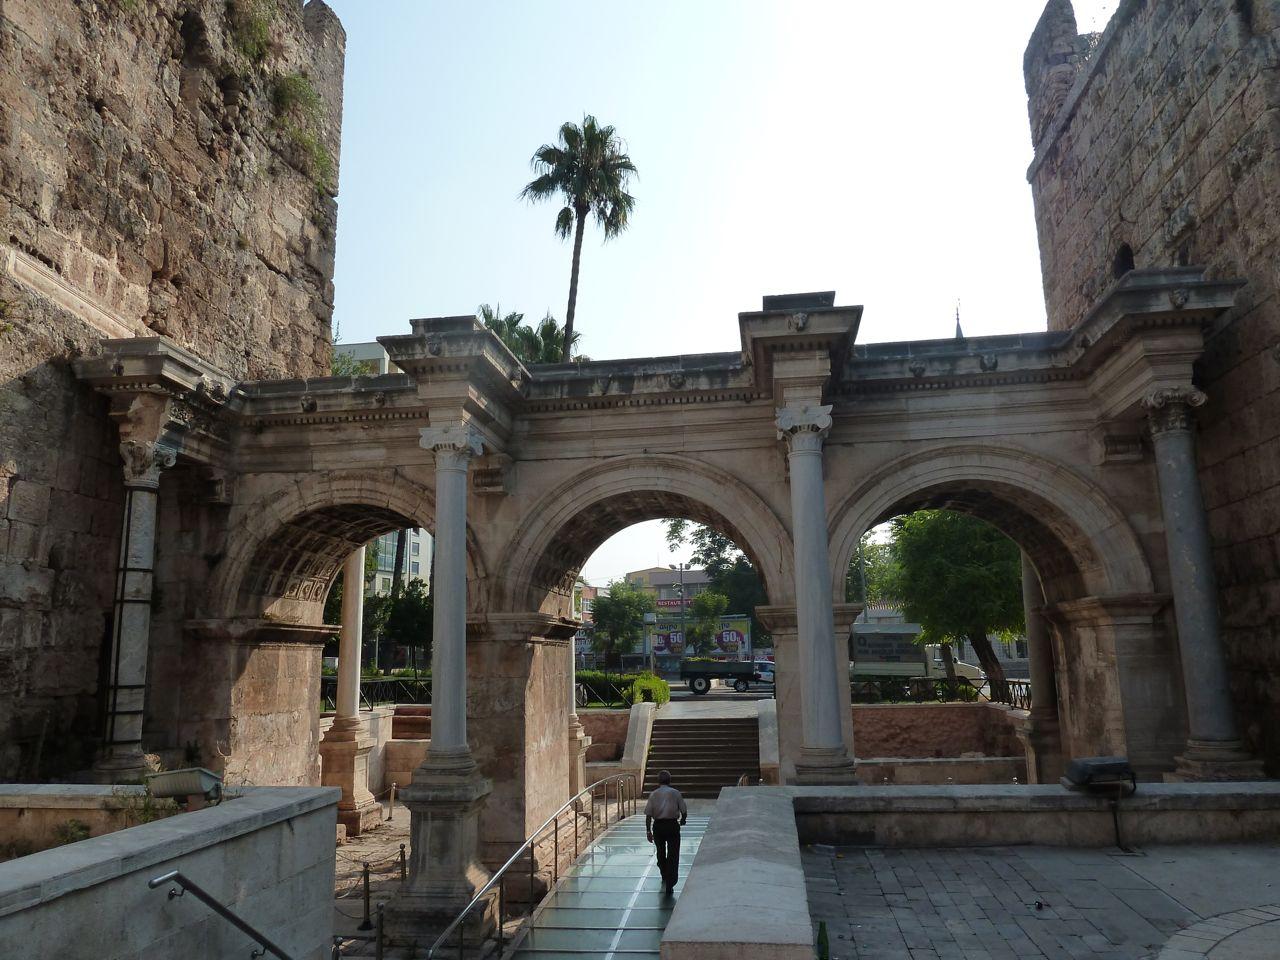 Hadrians Gate